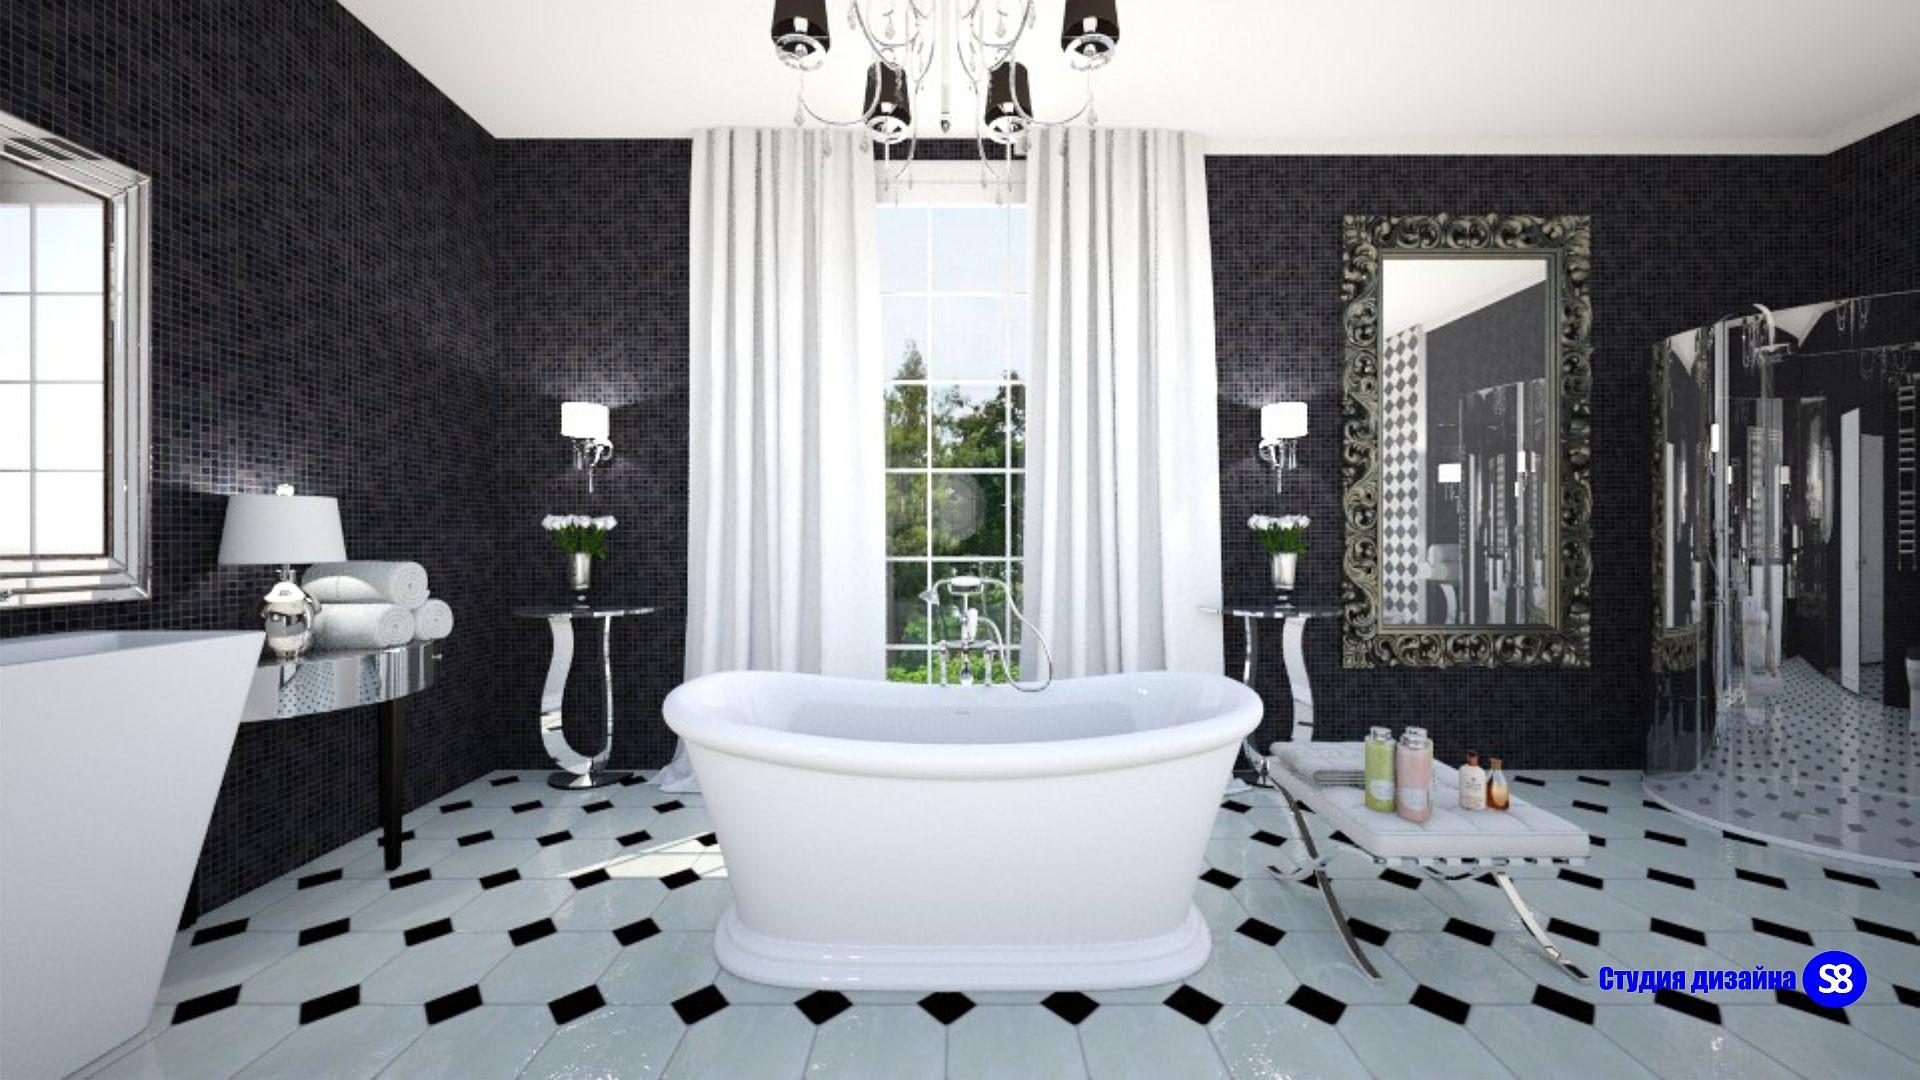 Фото дизайна ванной комнаты в стиле арт